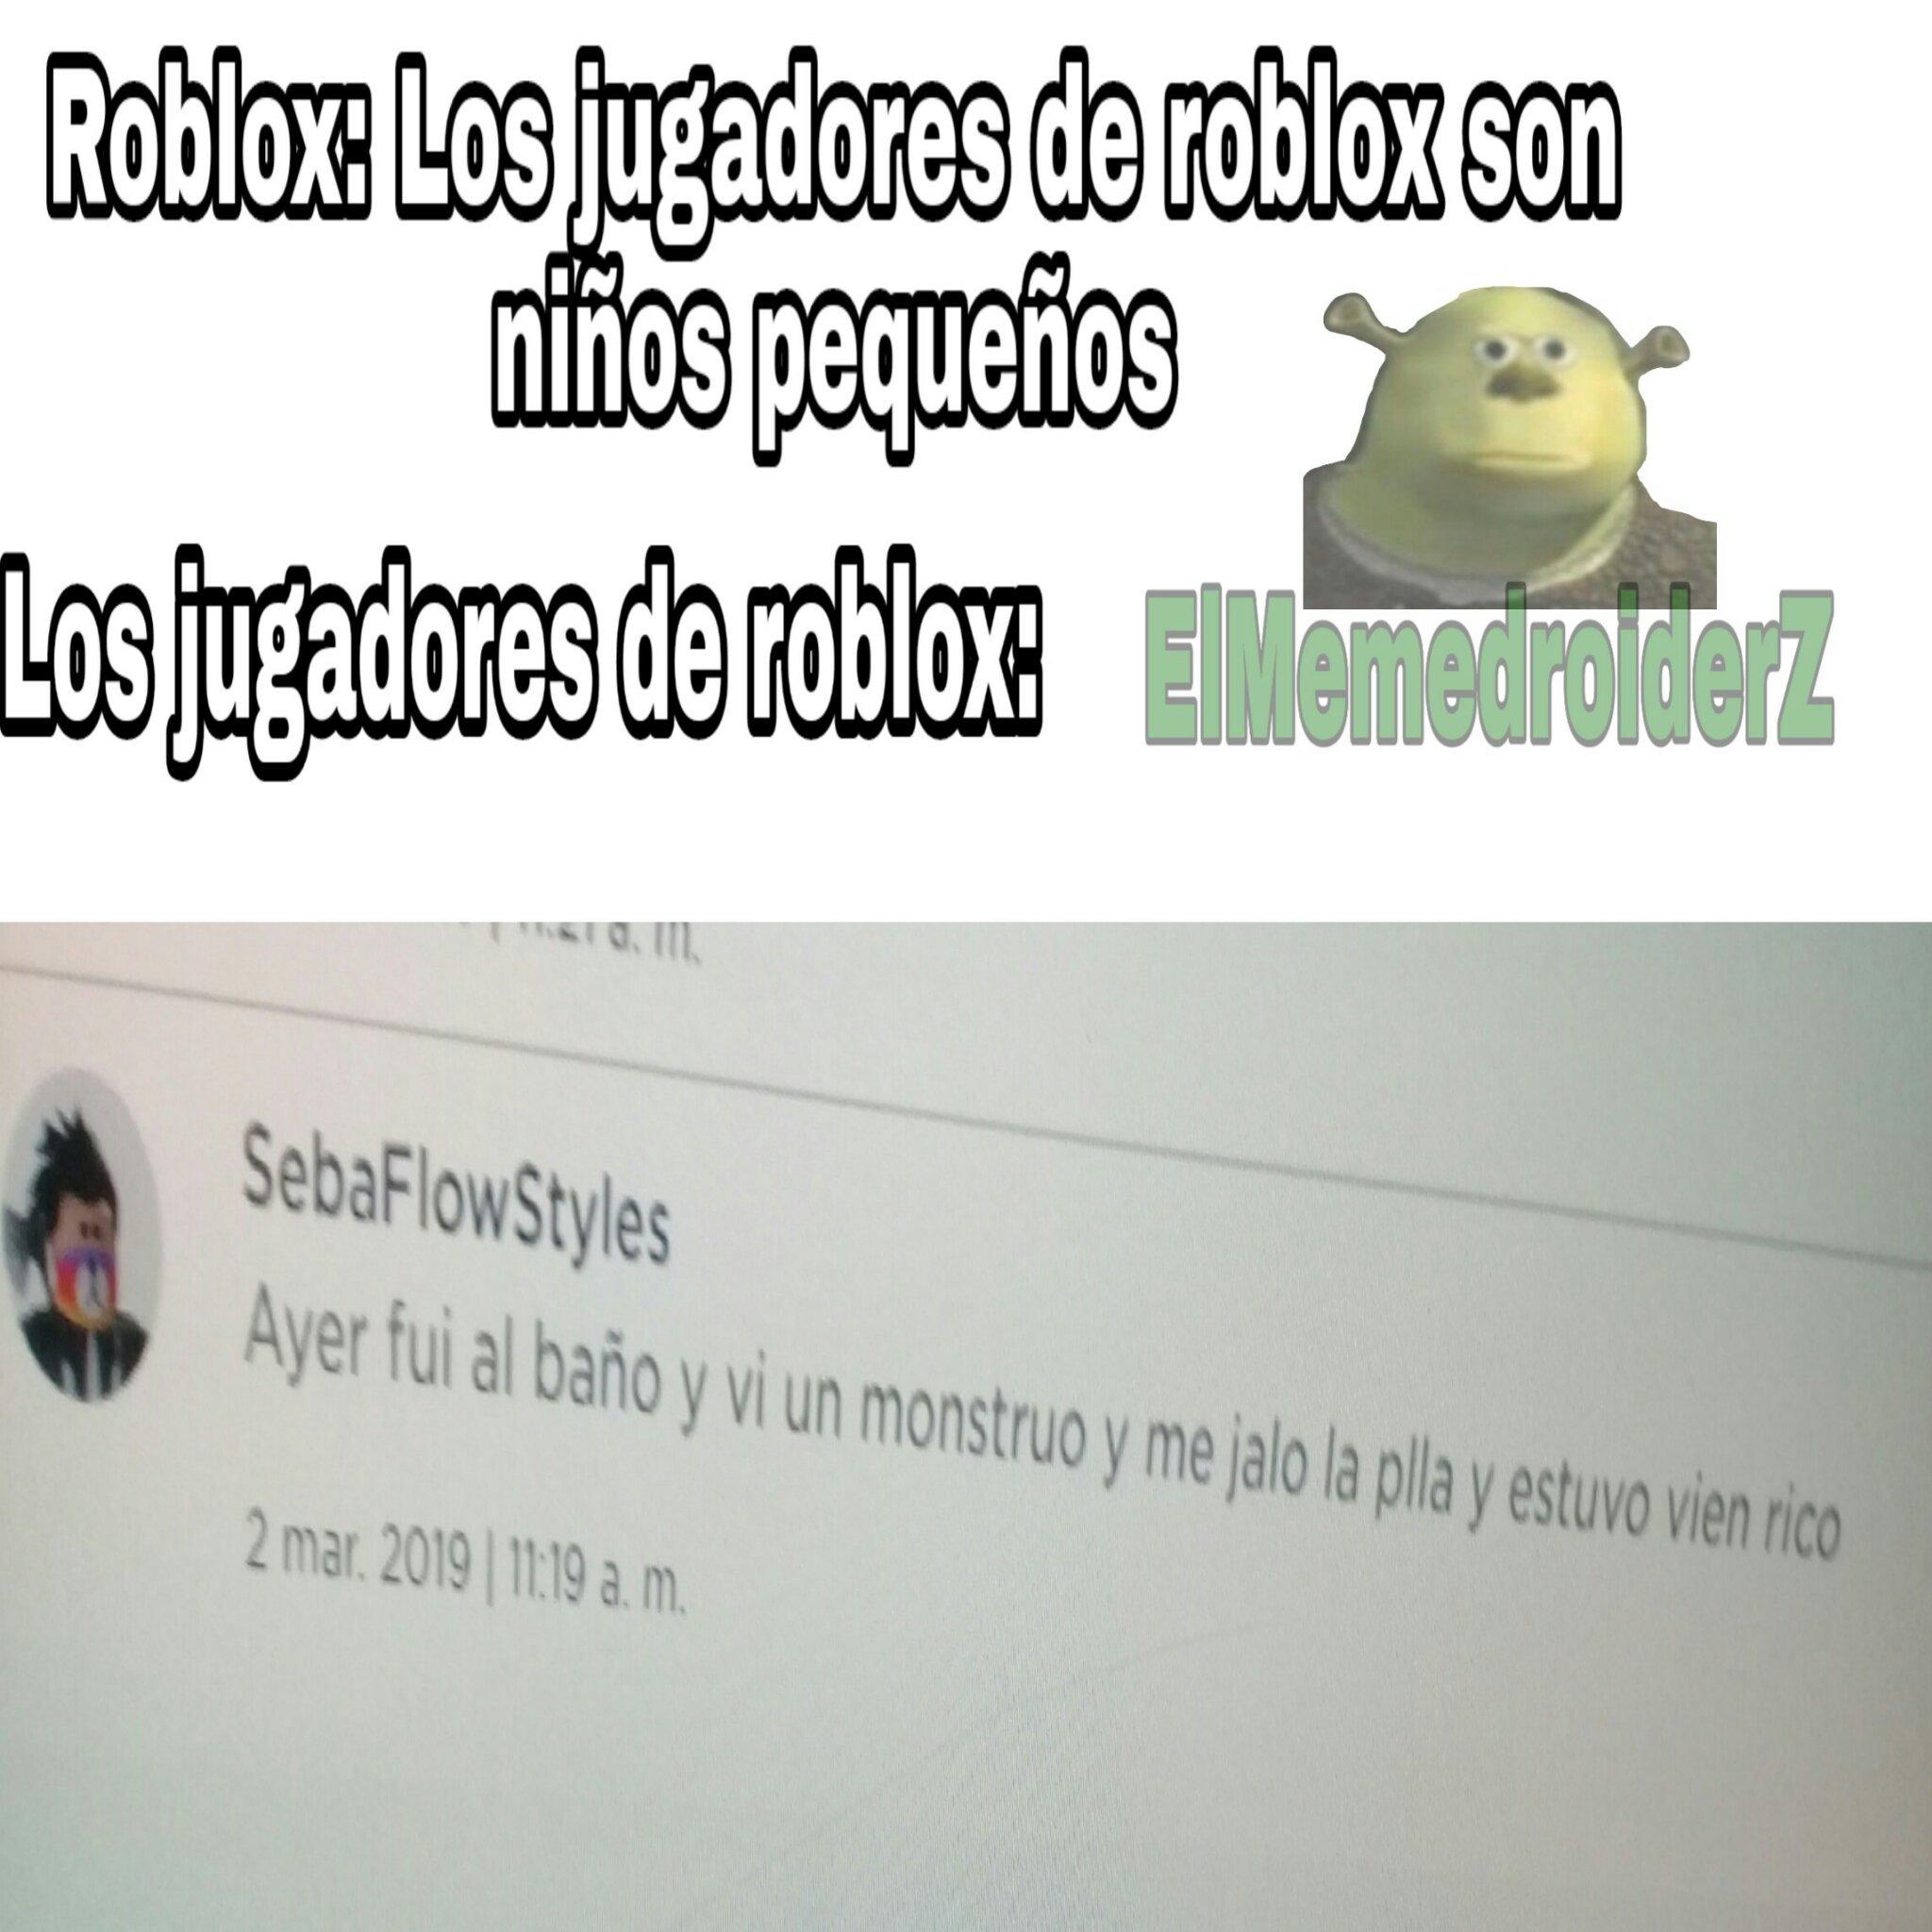 Estos de roblox - meme